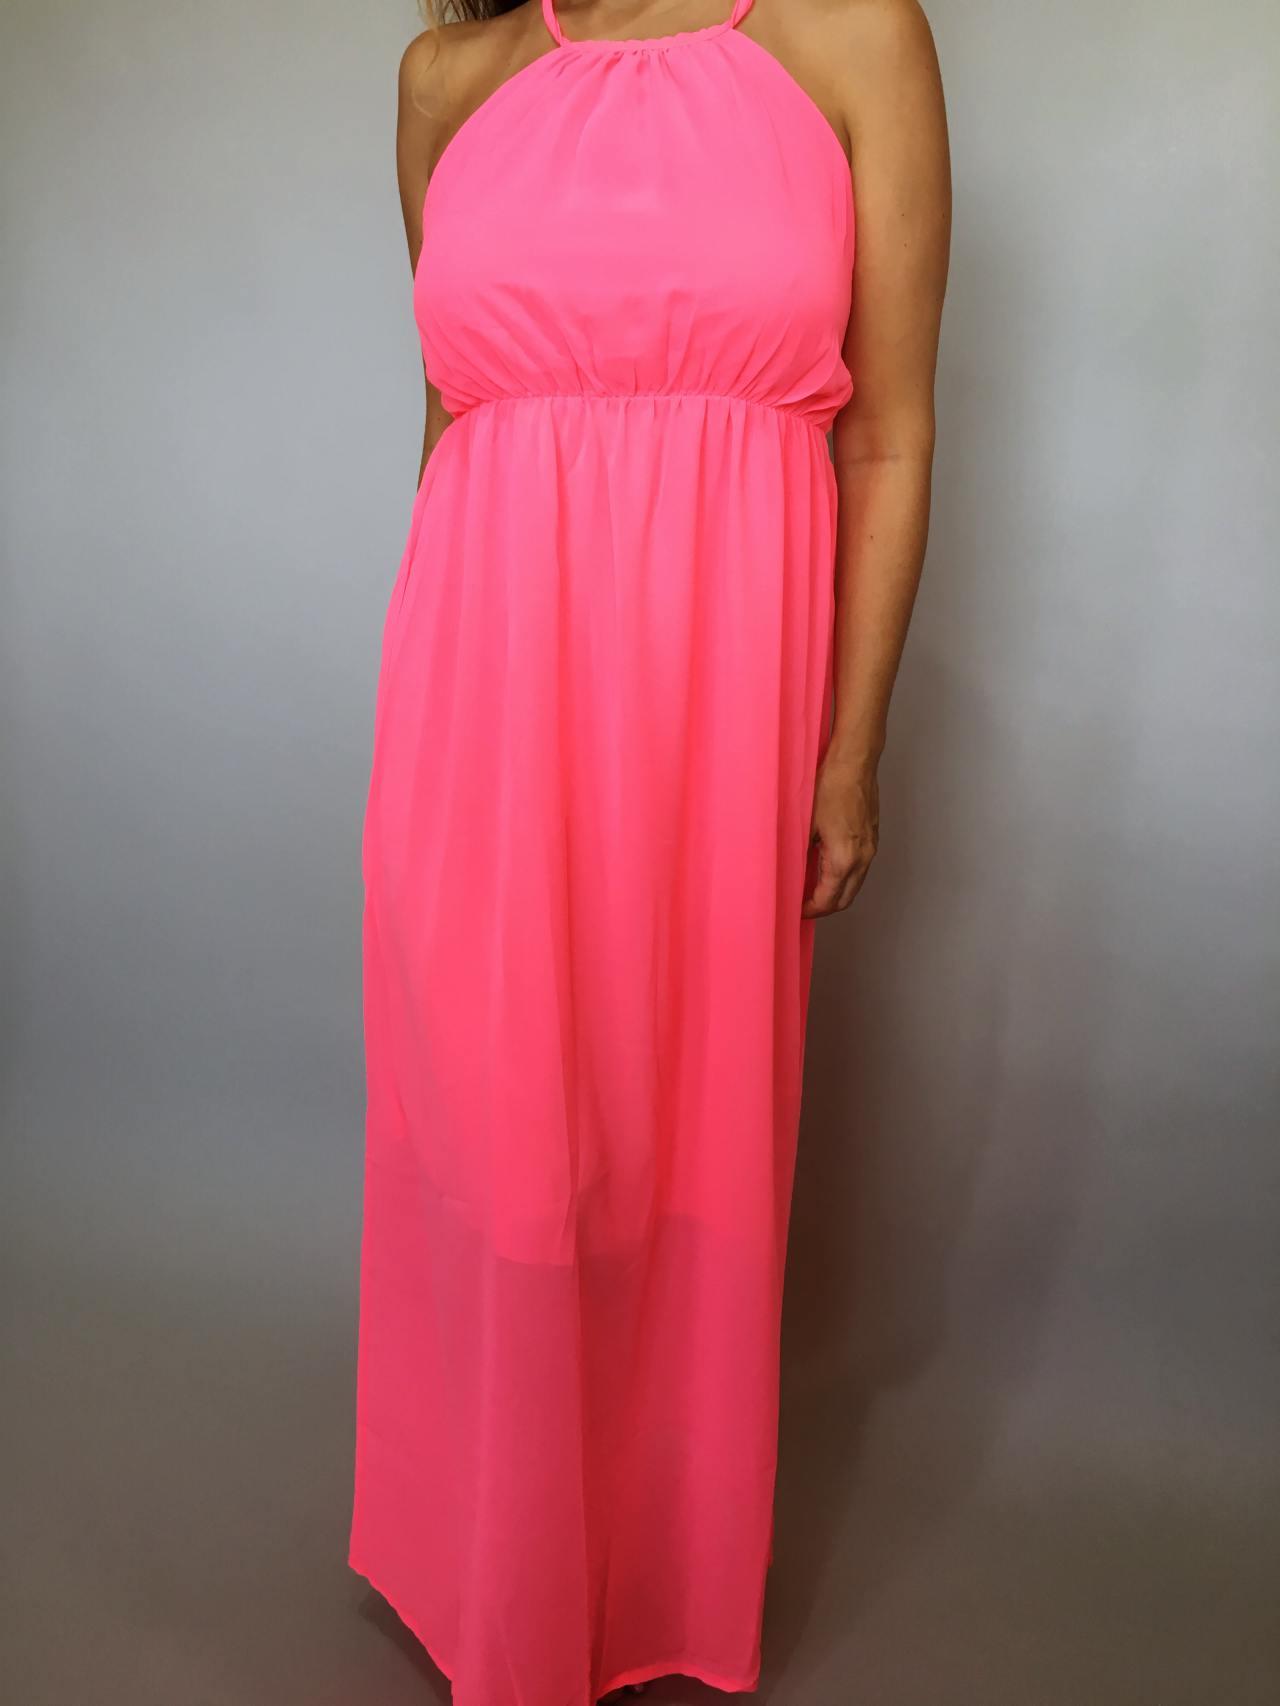 Šaty Sunny Day růžové 02